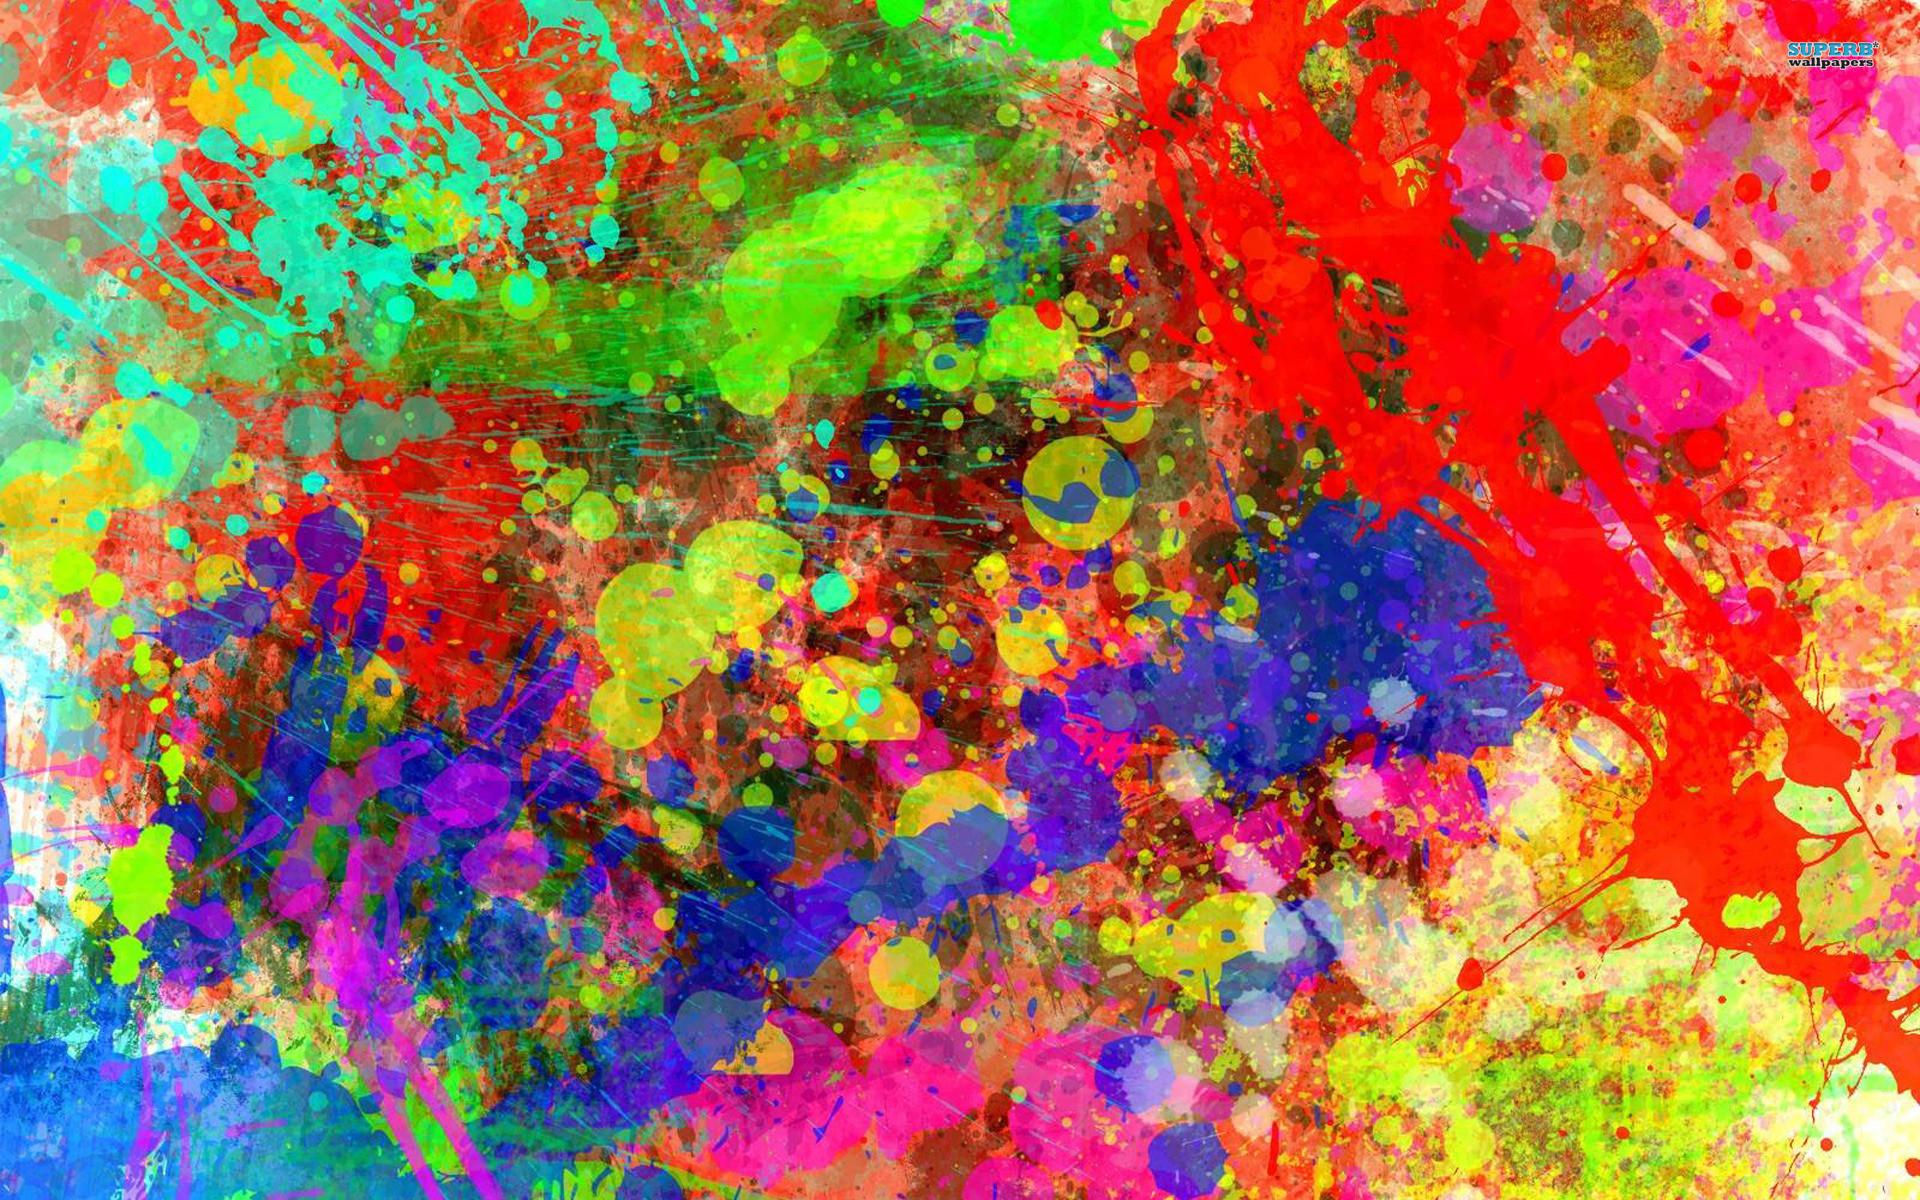 1920x1200 Paint Splatter Wallpaper